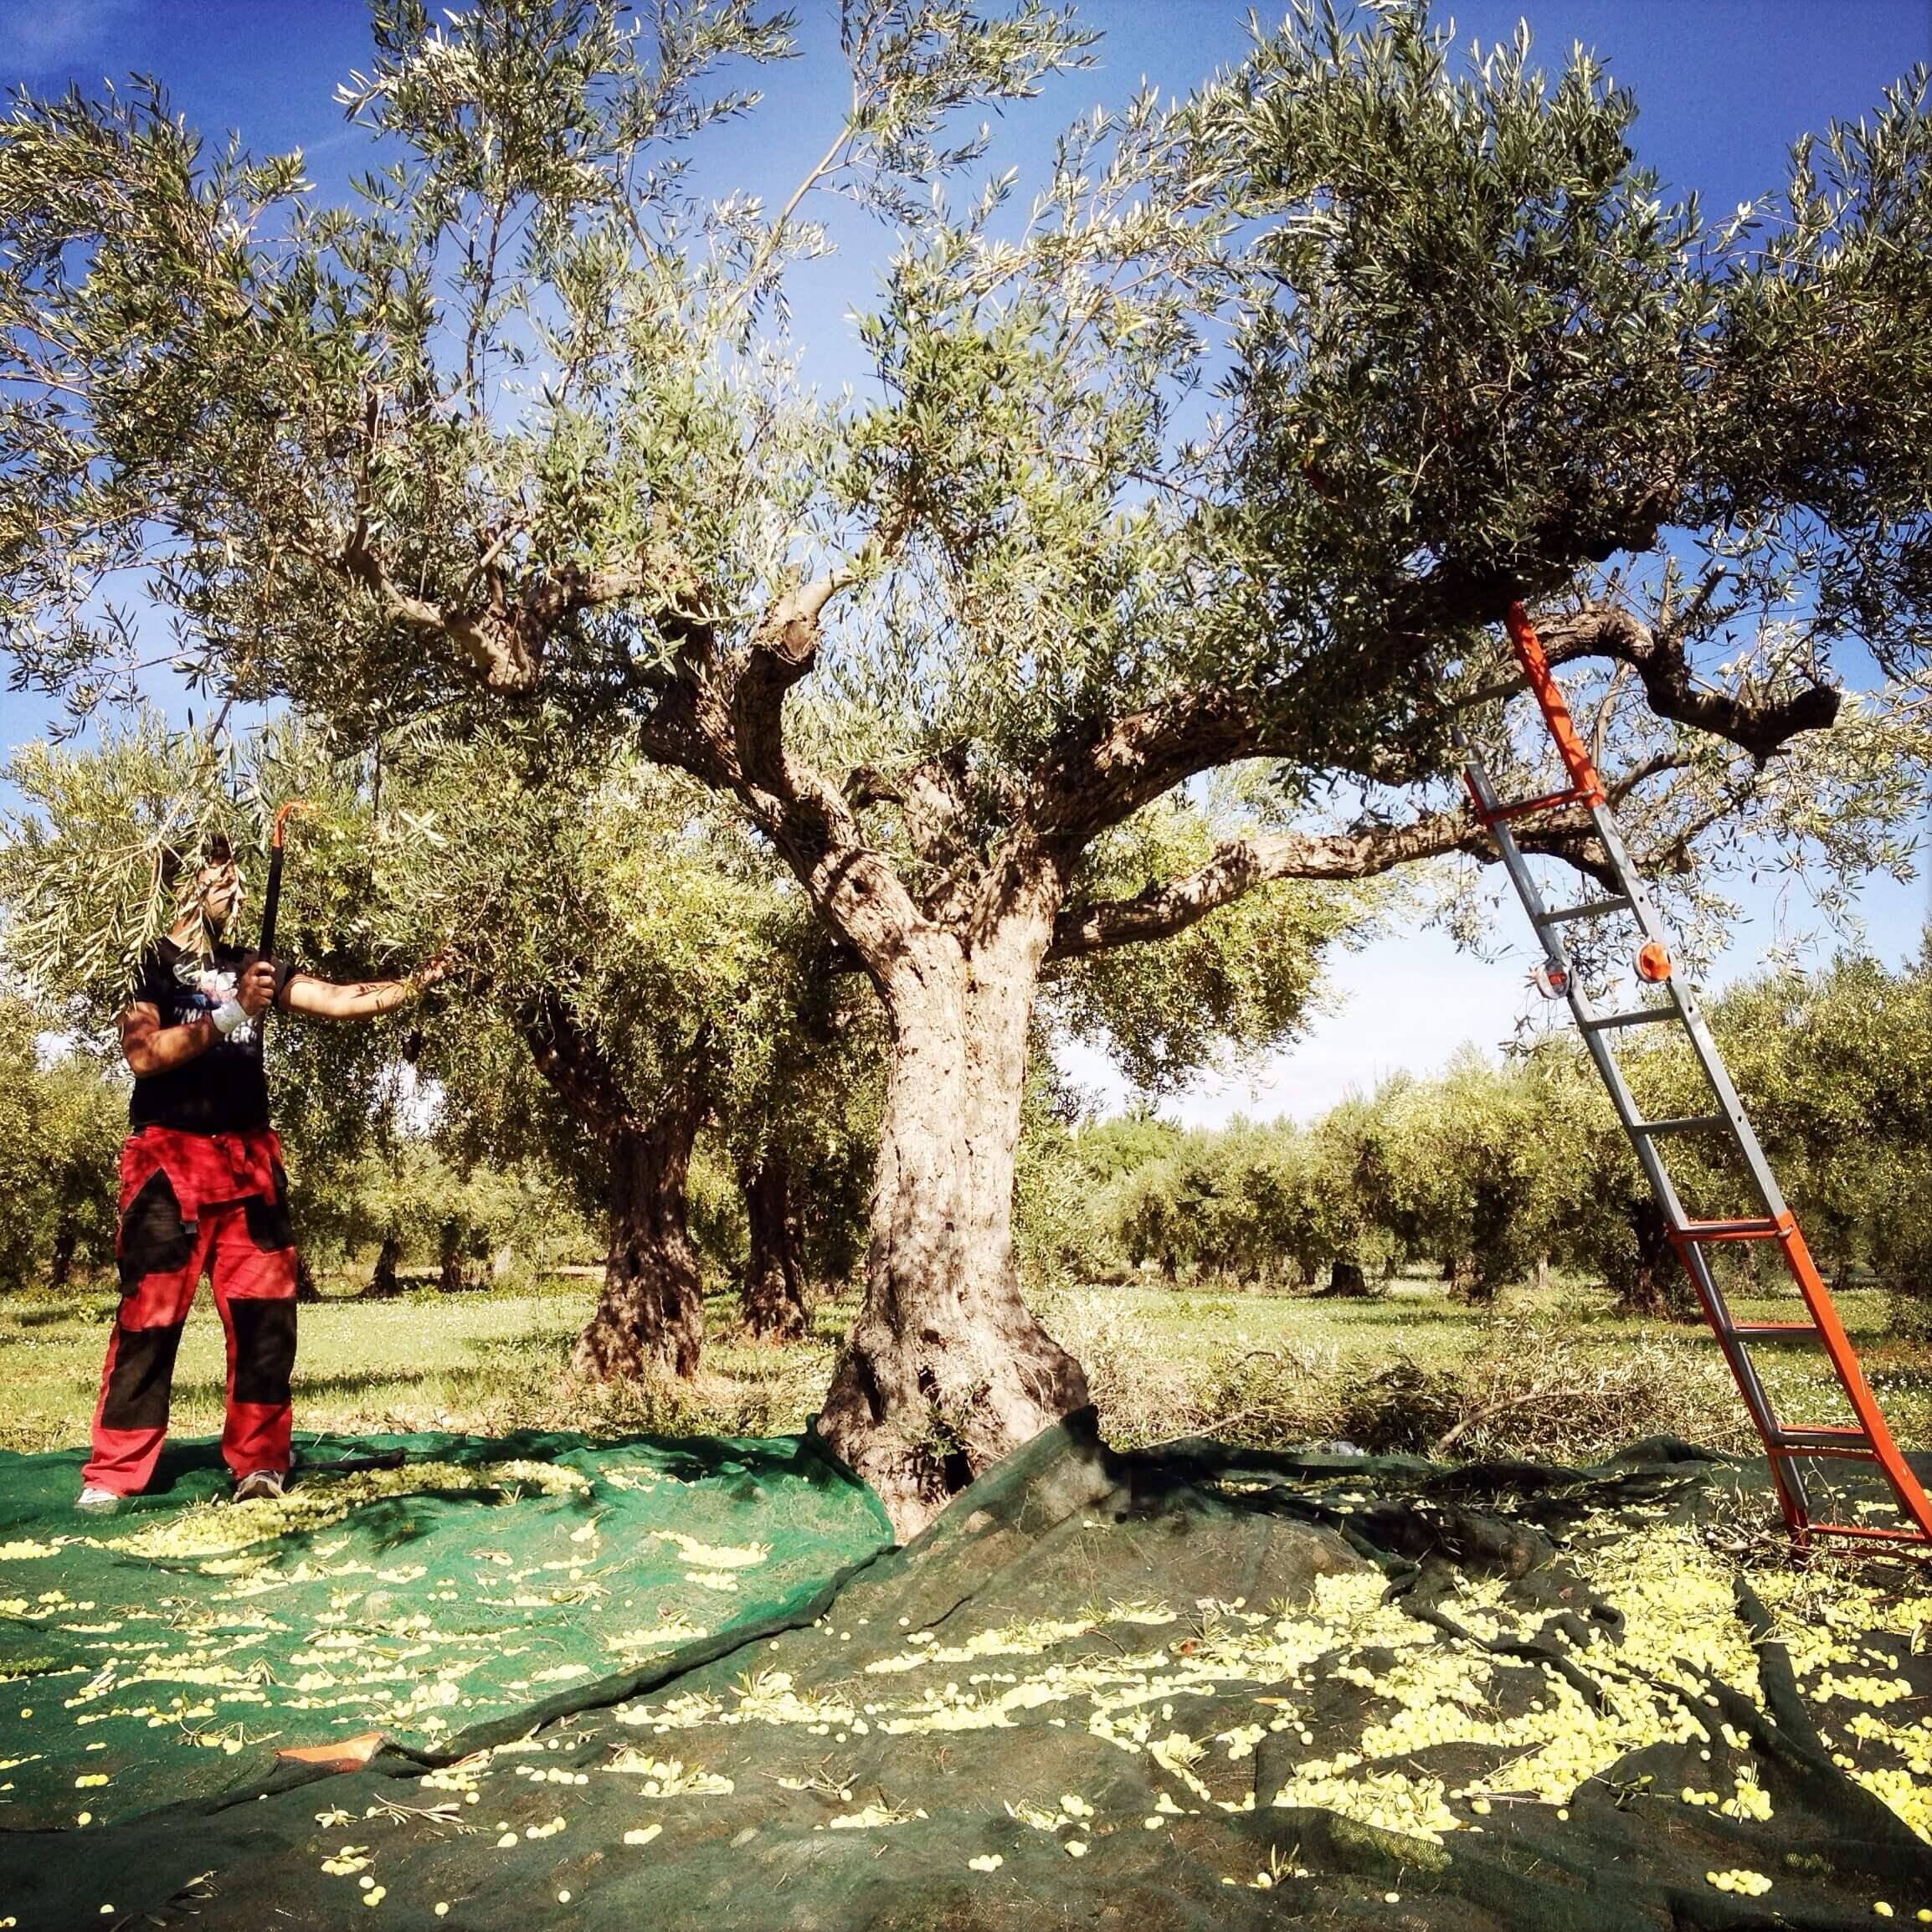 beskæring-æbletræ